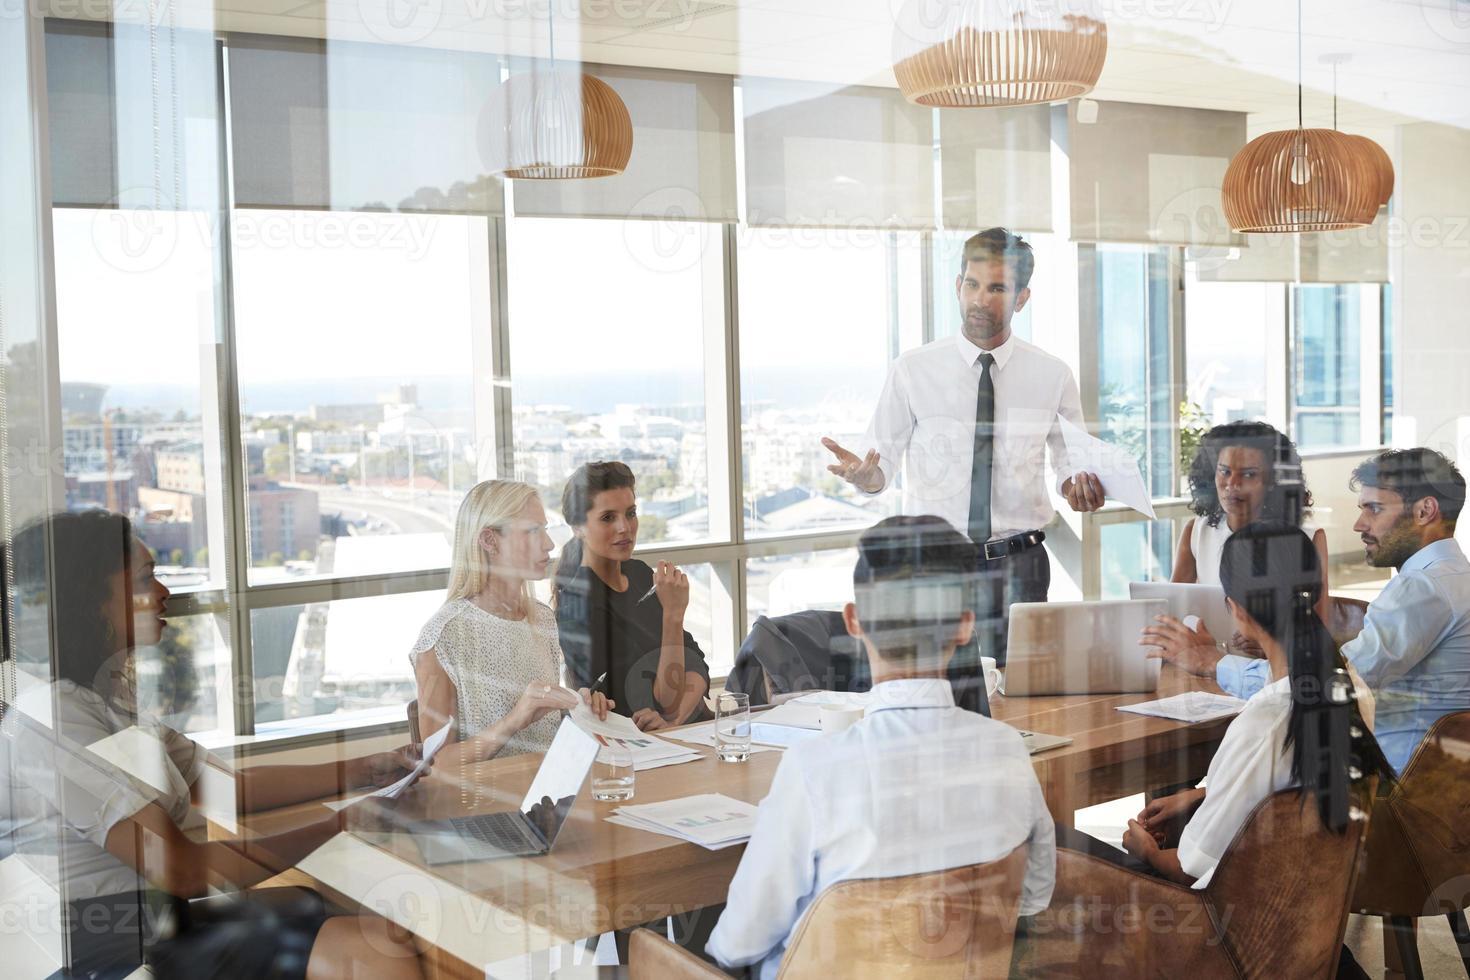 empresário lidera reunião em torno da mesa atirou pela porta foto